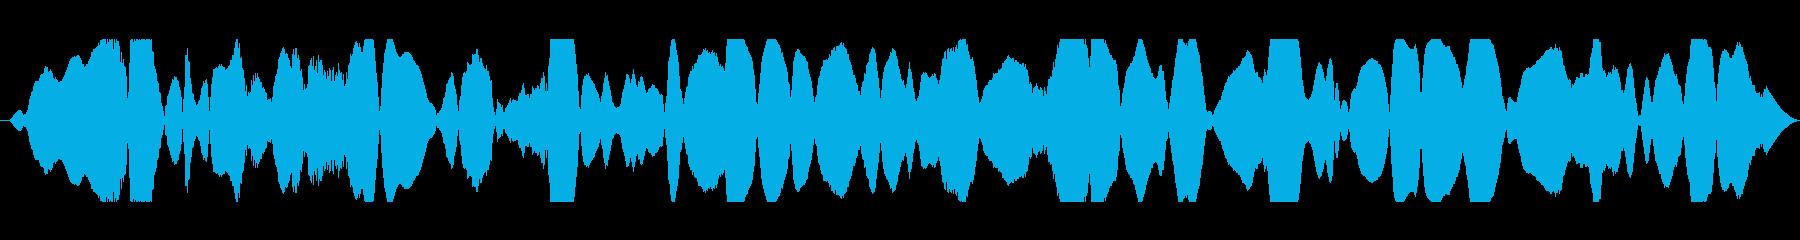 共鳴音とハムの再生済みの波形